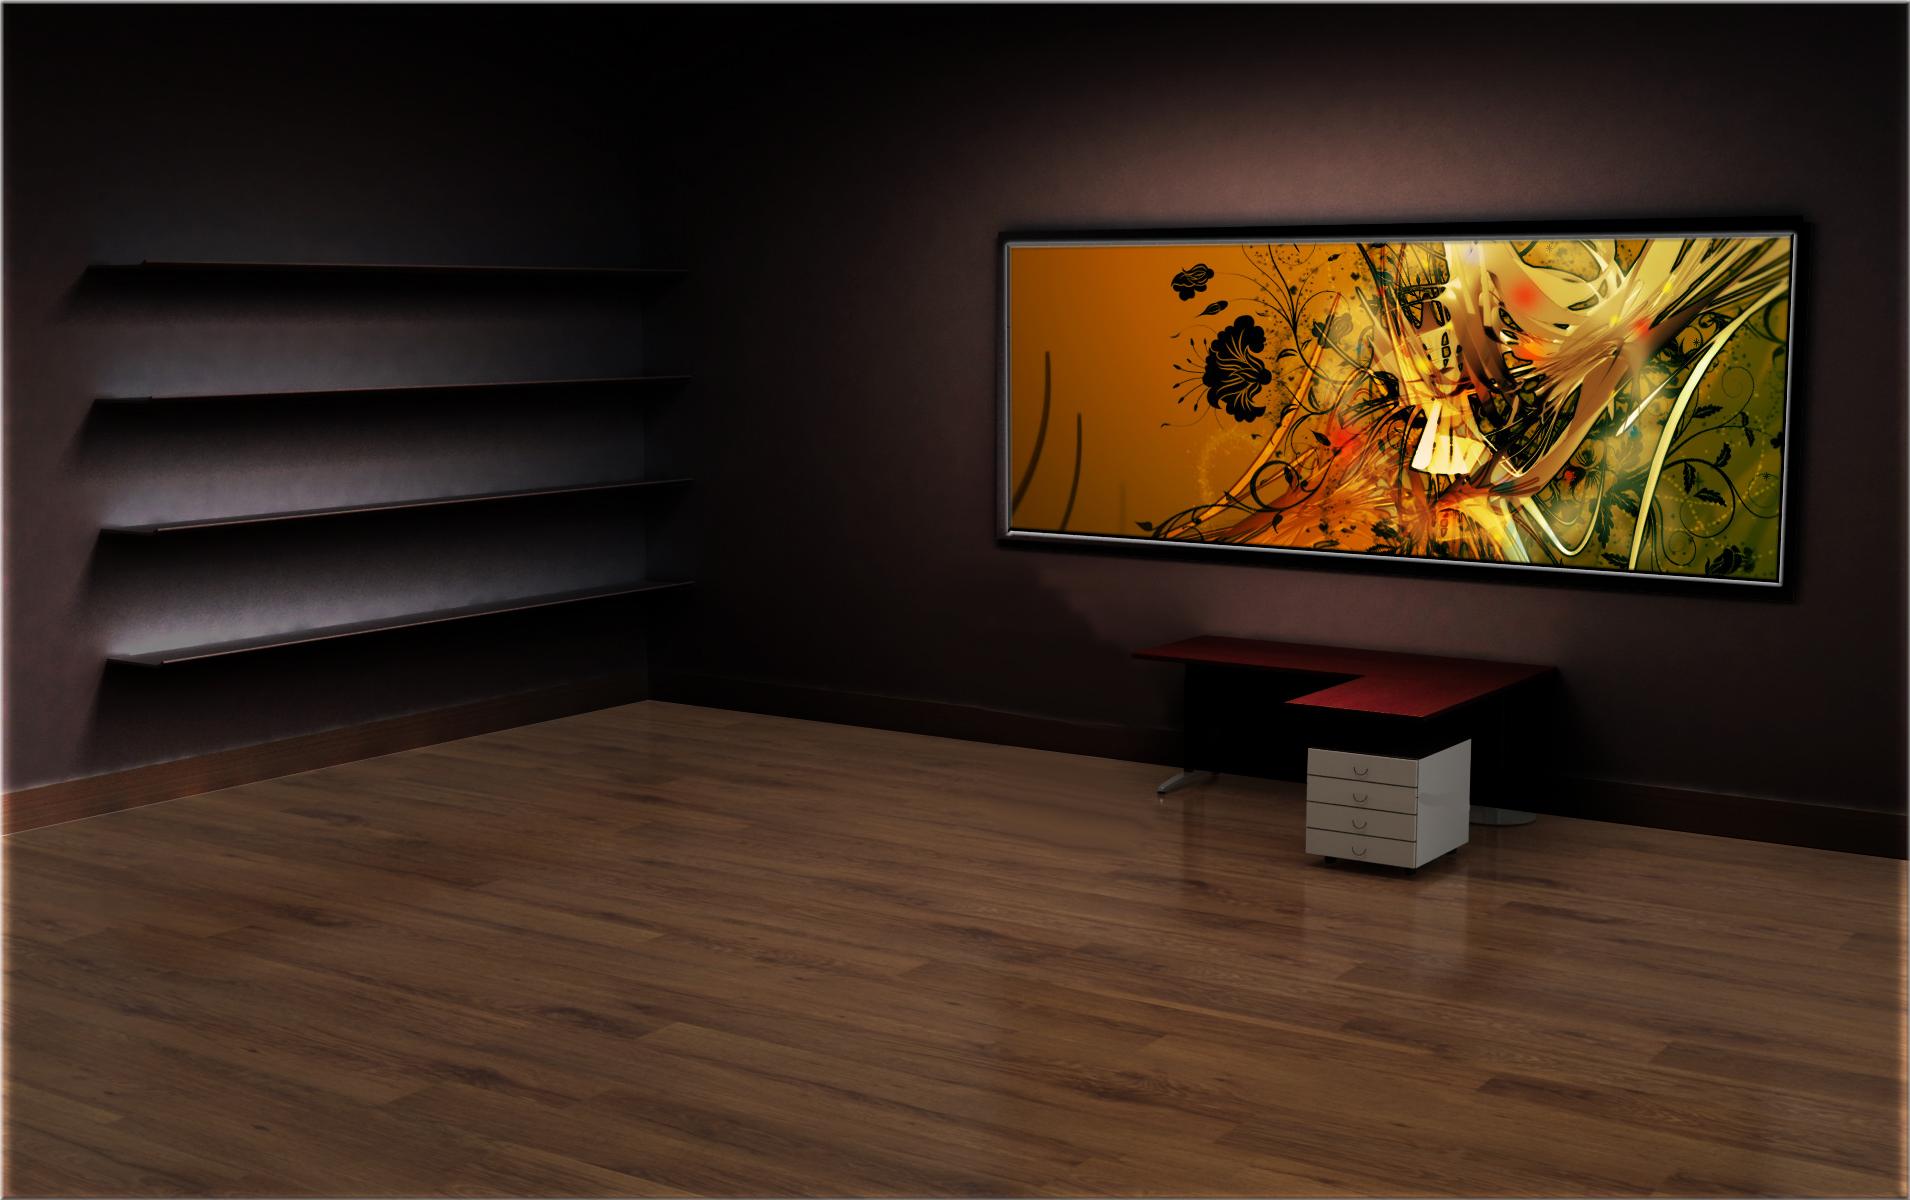 40 409704 office desktop background download indoors wallpaper